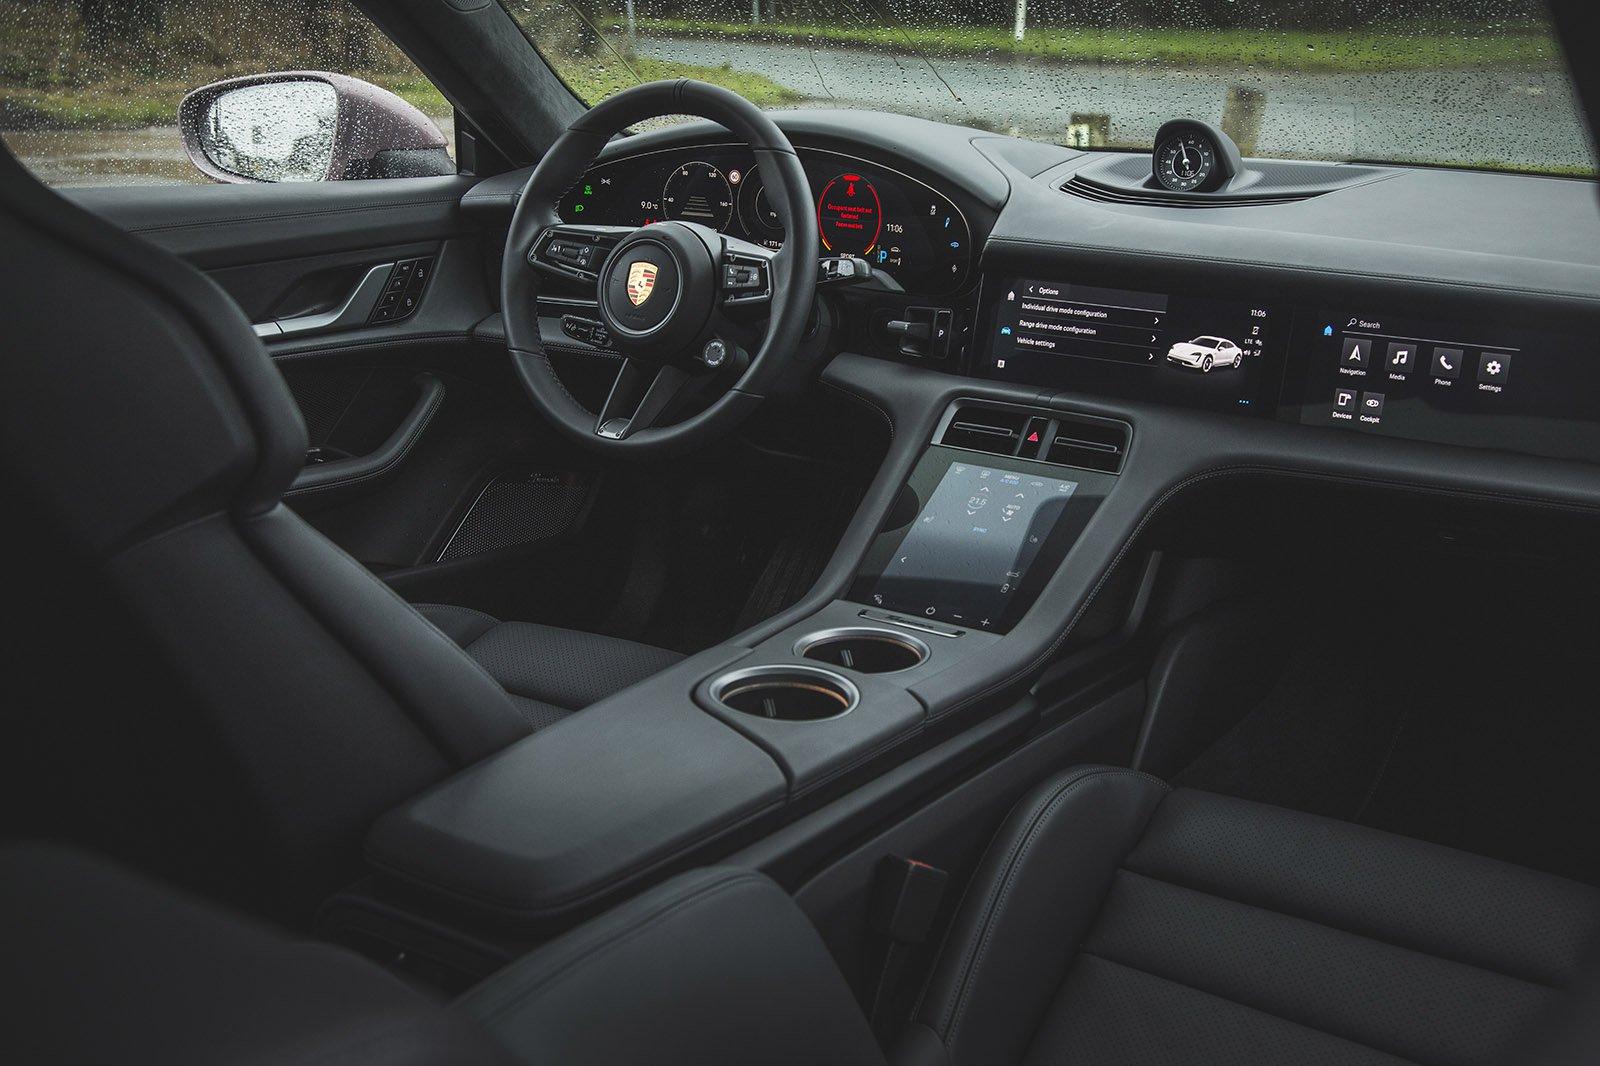 2021 Porsche Taycan RWD interior